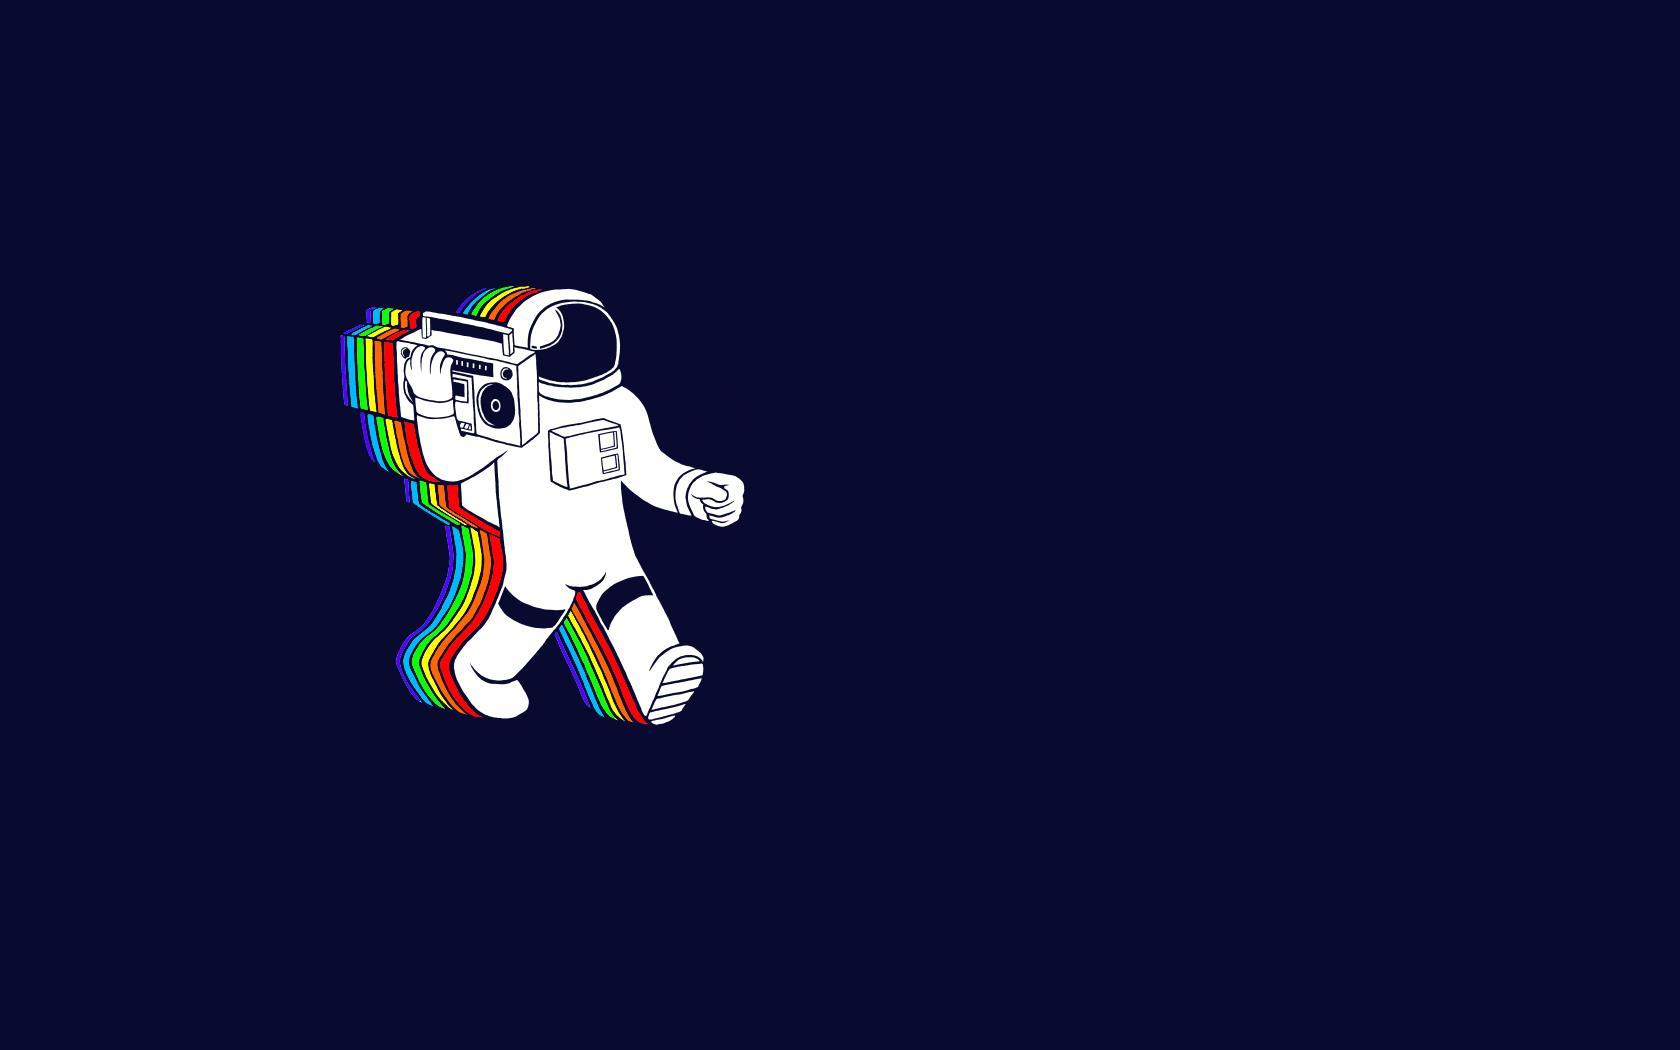 L'astronauta ballerino - Sfondi per PC, iPhone, Android e profilo WhatsApp da scaricare